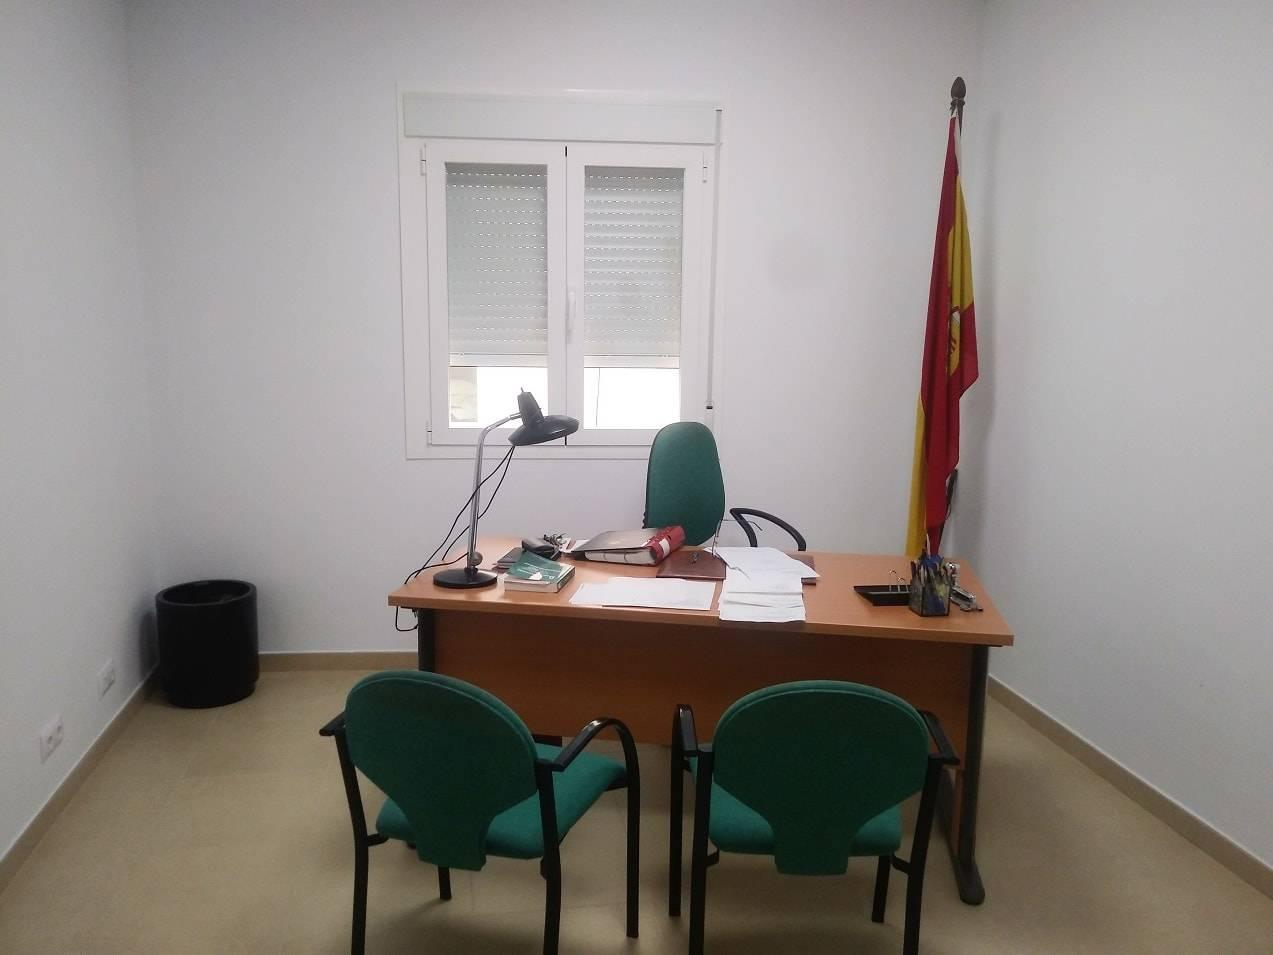 Habilitadas las nuevas oficinas del Juzgado de Paz de Herencia 1